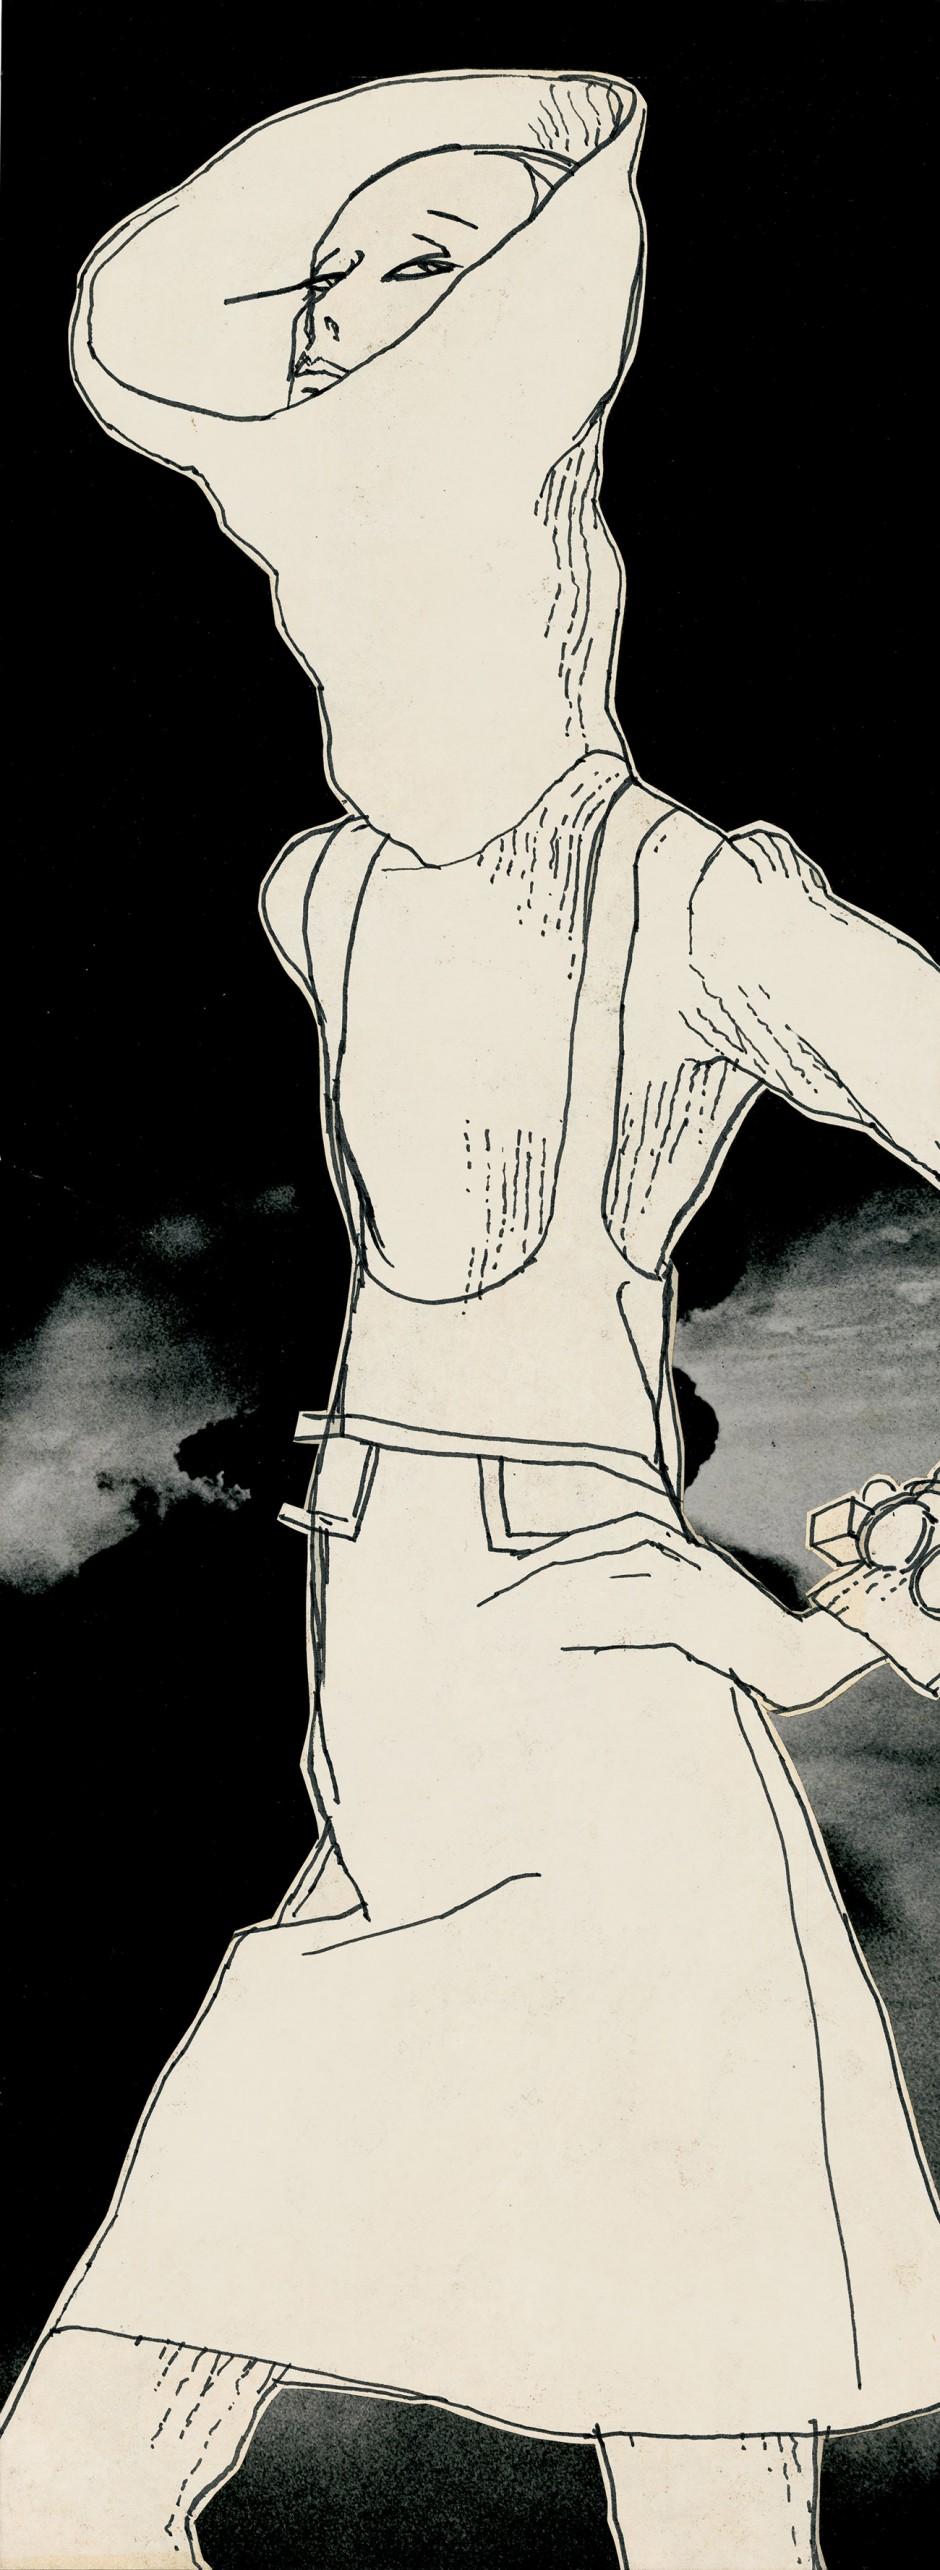 Antonio, Ohne Titel, 1967, veröffentlicht in The New York Times Magazine, Tuschfeder und Collage, 61 x 30 cm